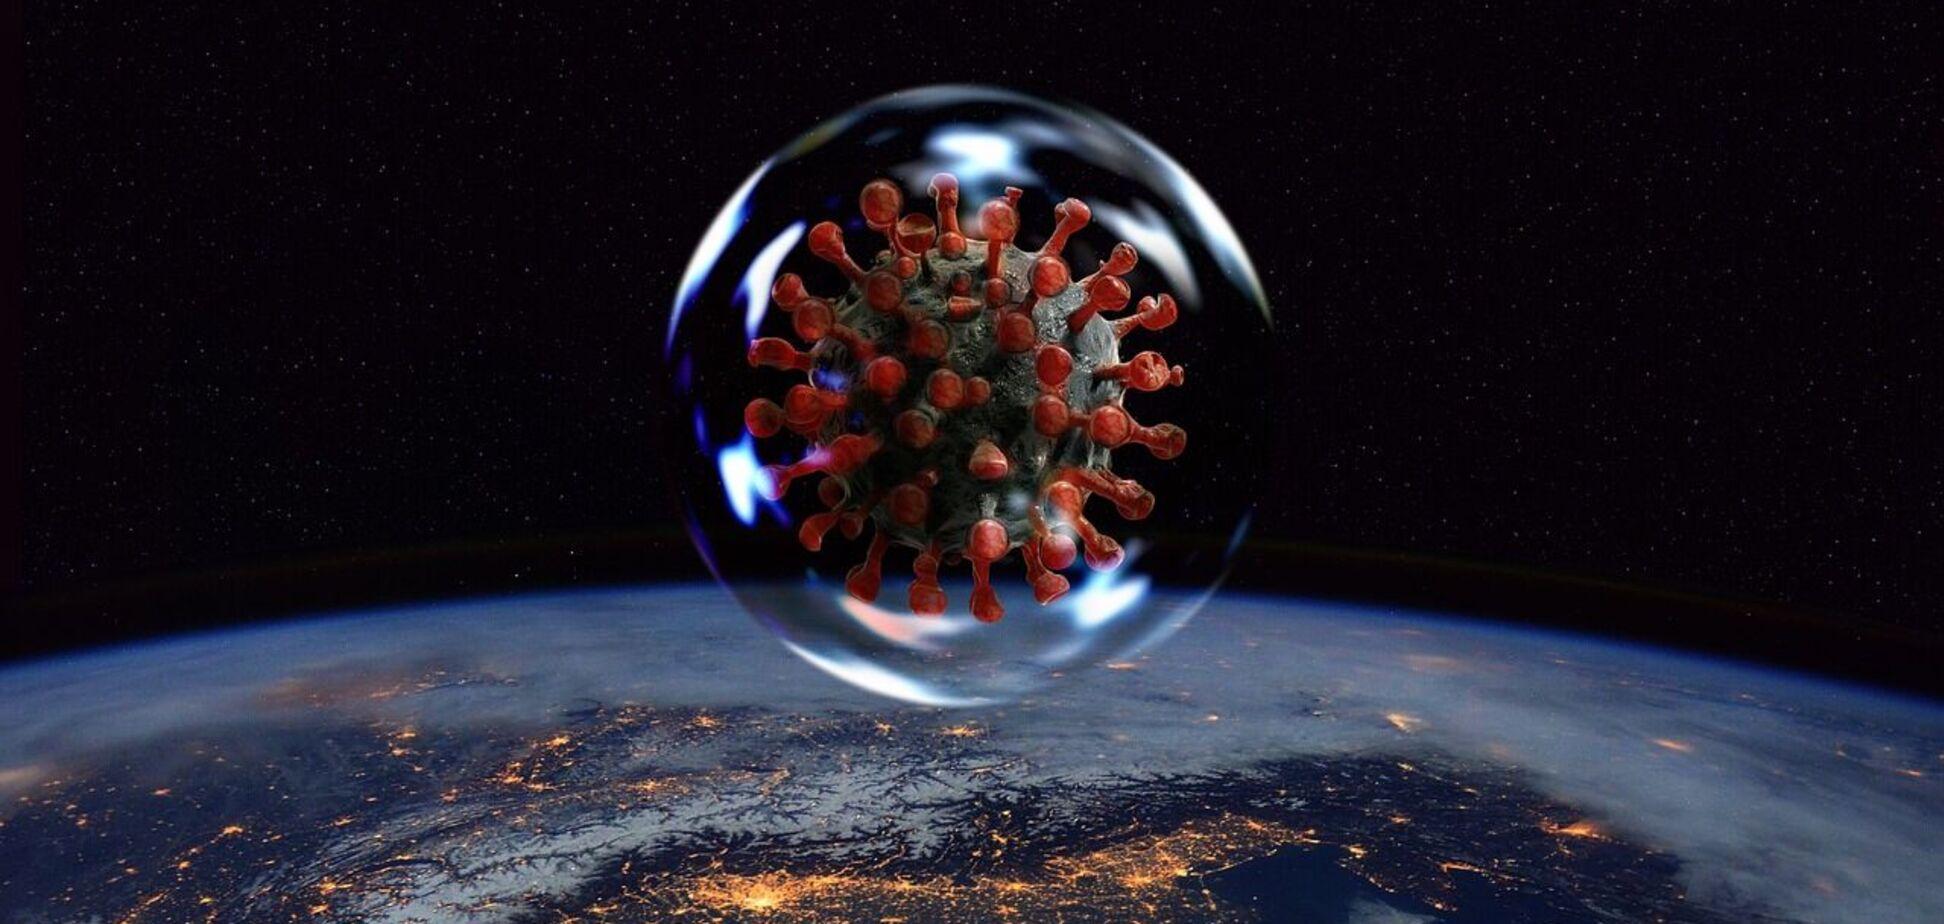 Новая волна COVID-19 в Канаде и уничтожение вакцин в Израиле. Хроника коронавируса на 1 августа